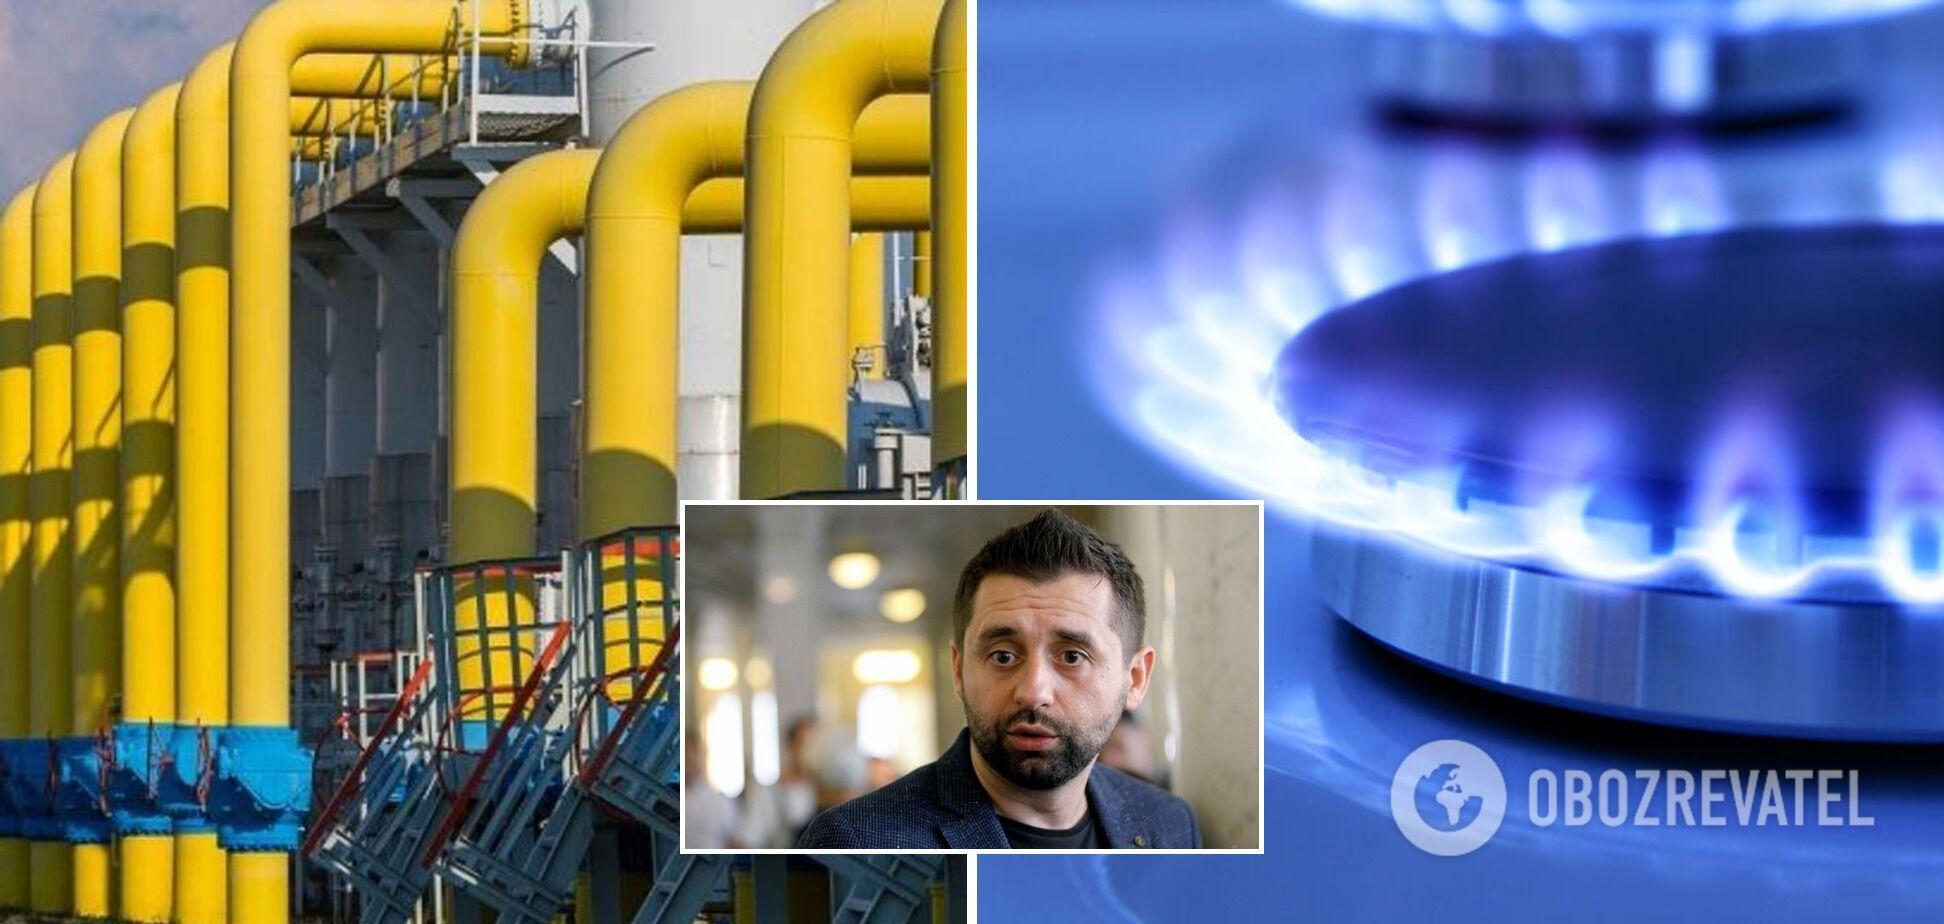 Плани влади забрати газ у приватних власників призведуть до його дефіциту, – Сергій Фурса